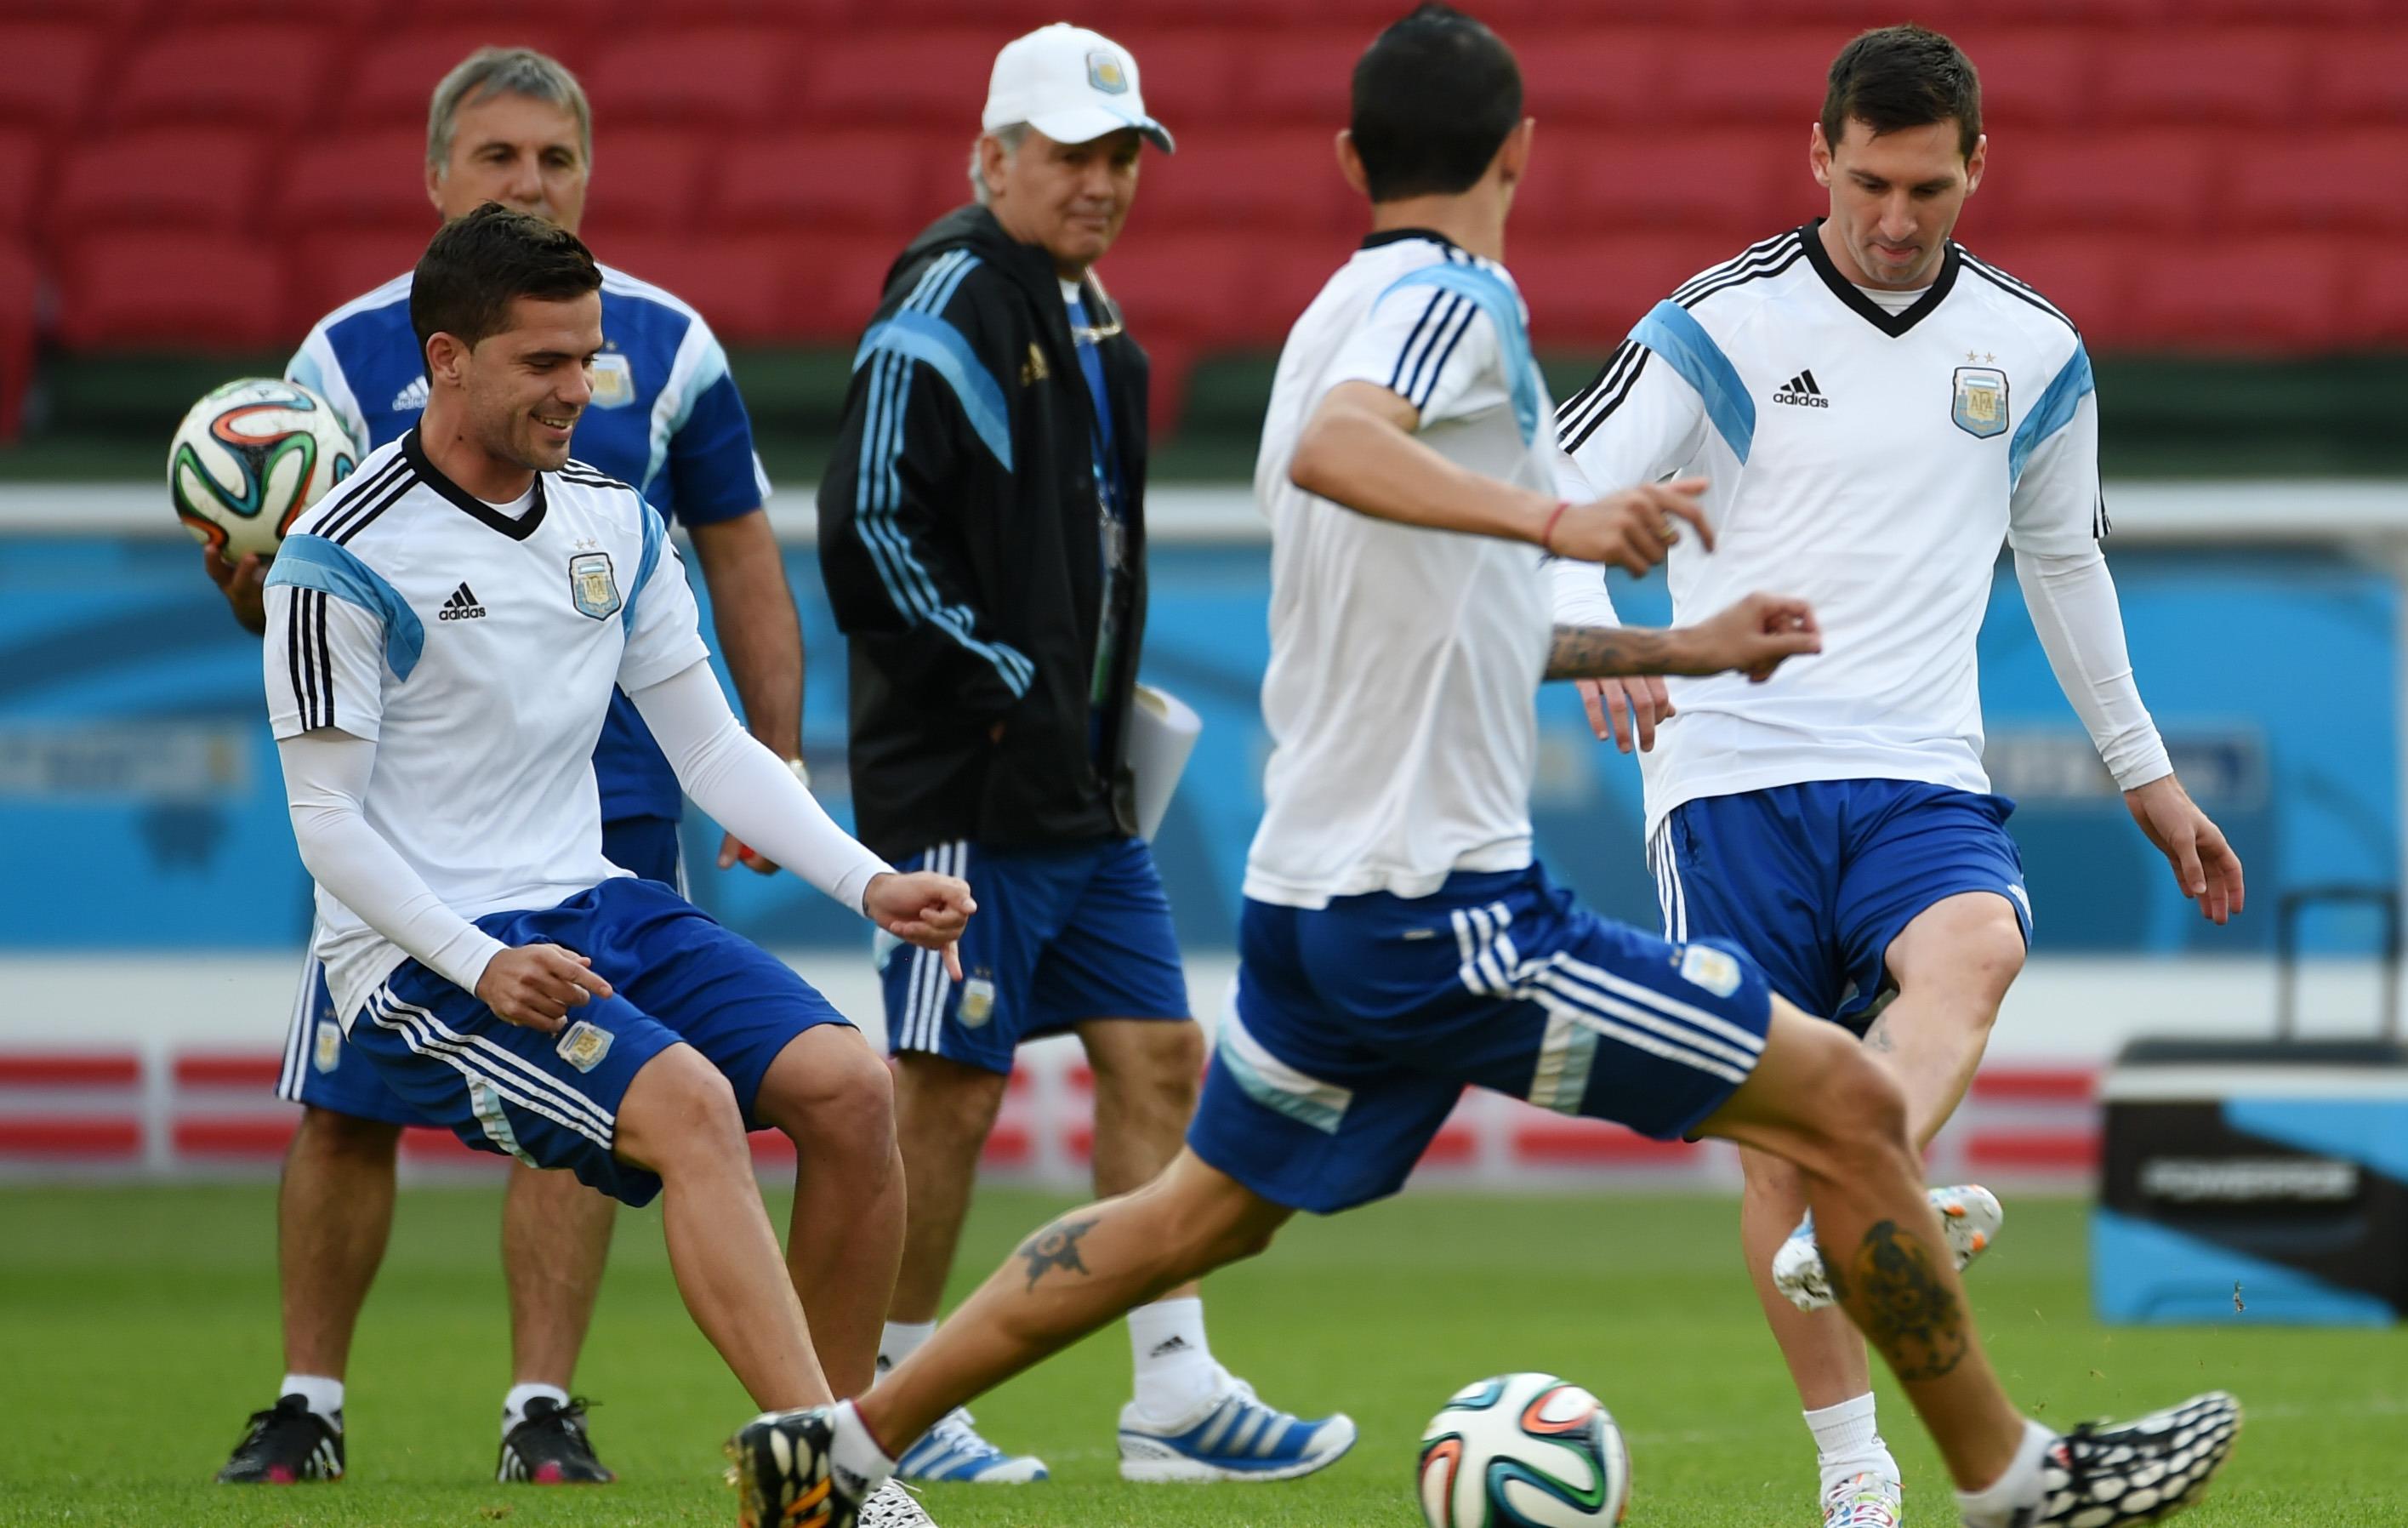 L argentine tousse en attaque 2014 br sil coupe du monde football - Equipe argentine coupe du monde 2014 ...